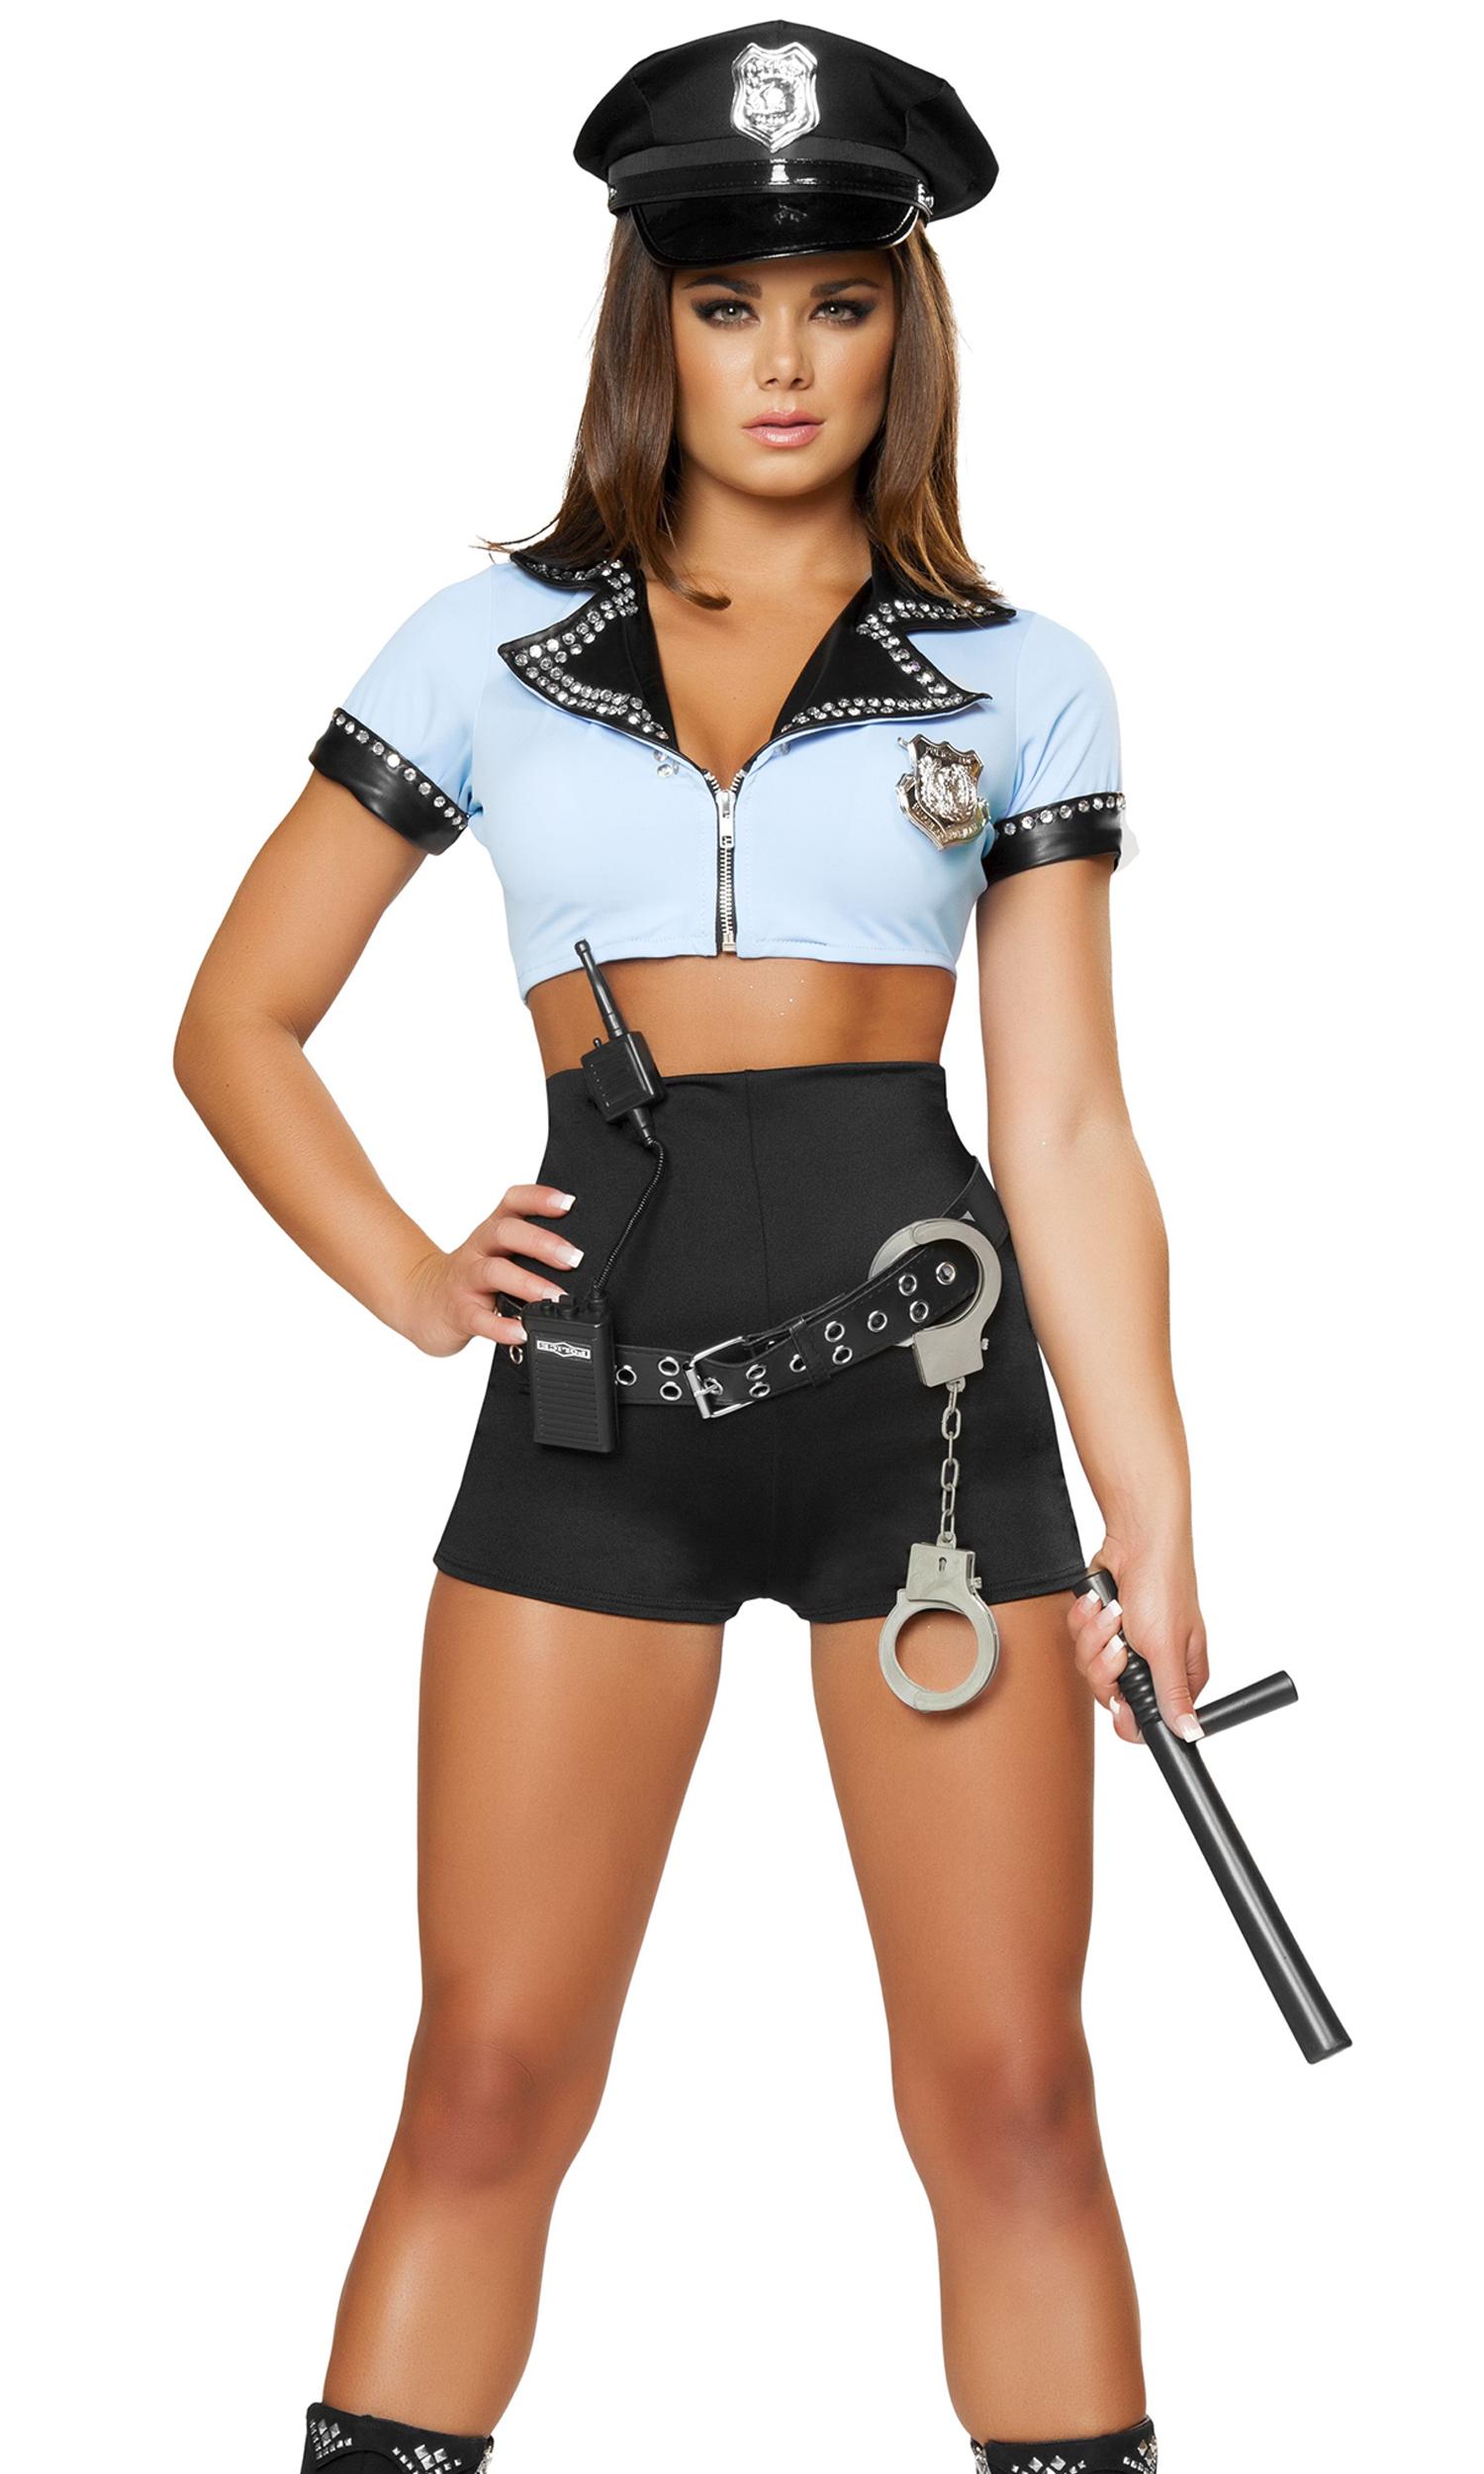 Транса девушка в костюме милиции порно фильм